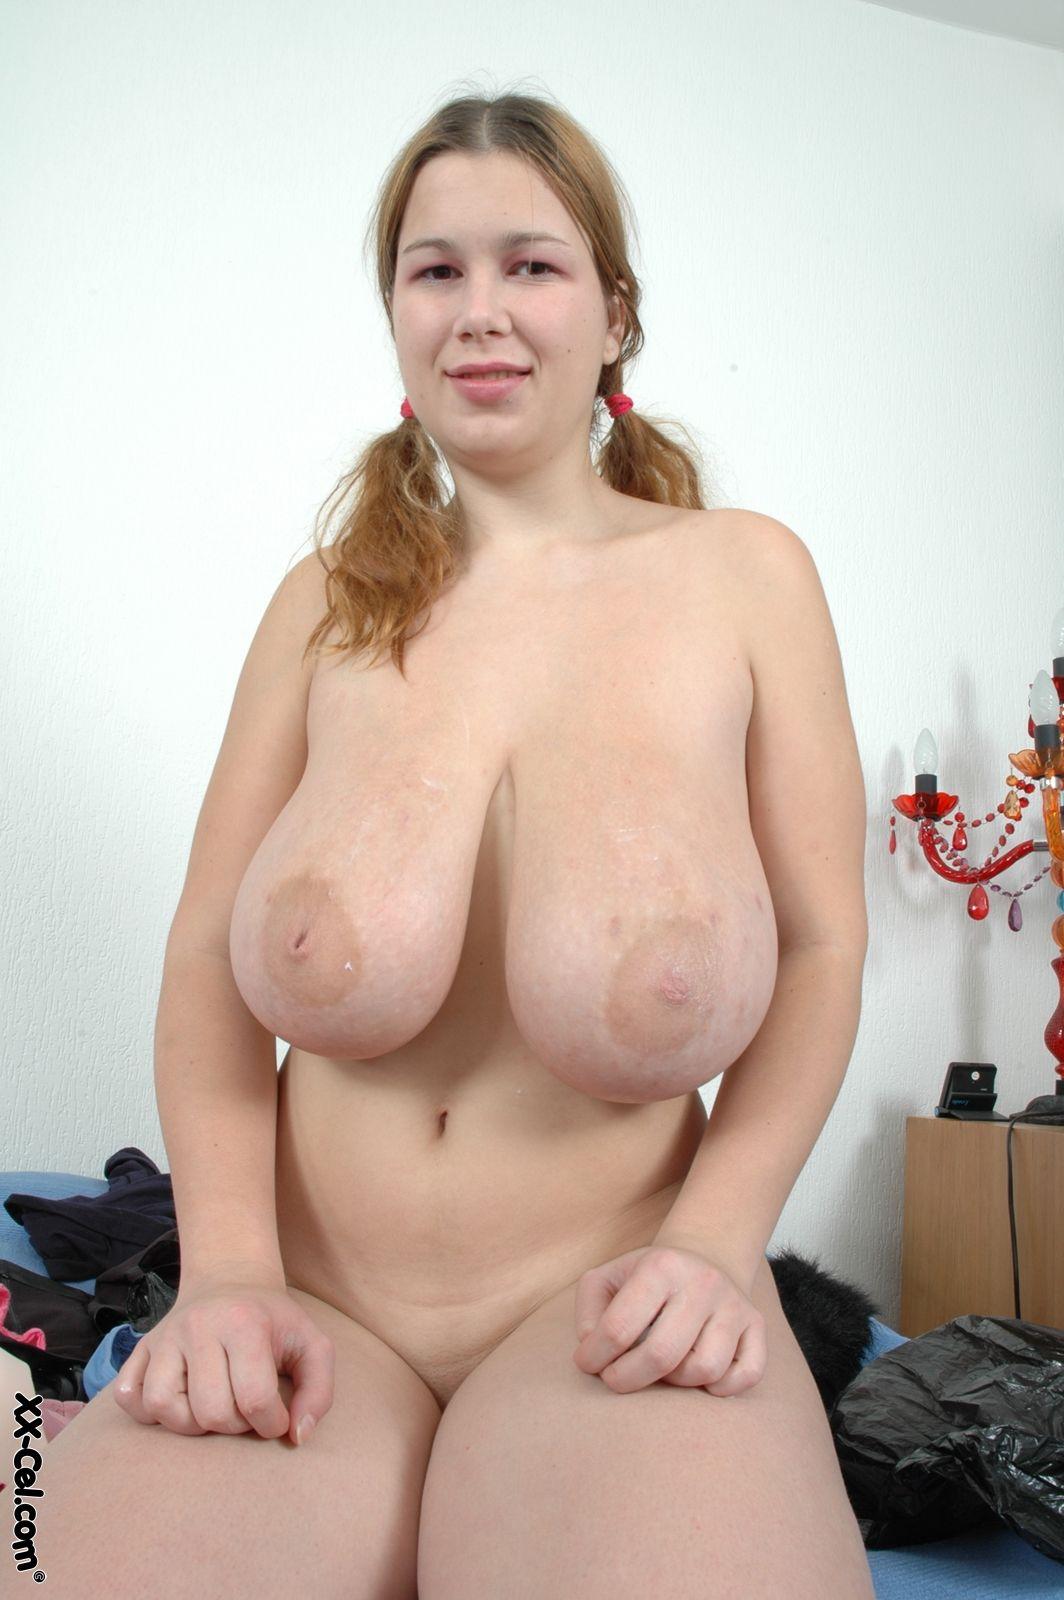 Фото голых с большой висячей грудью 9 фотография